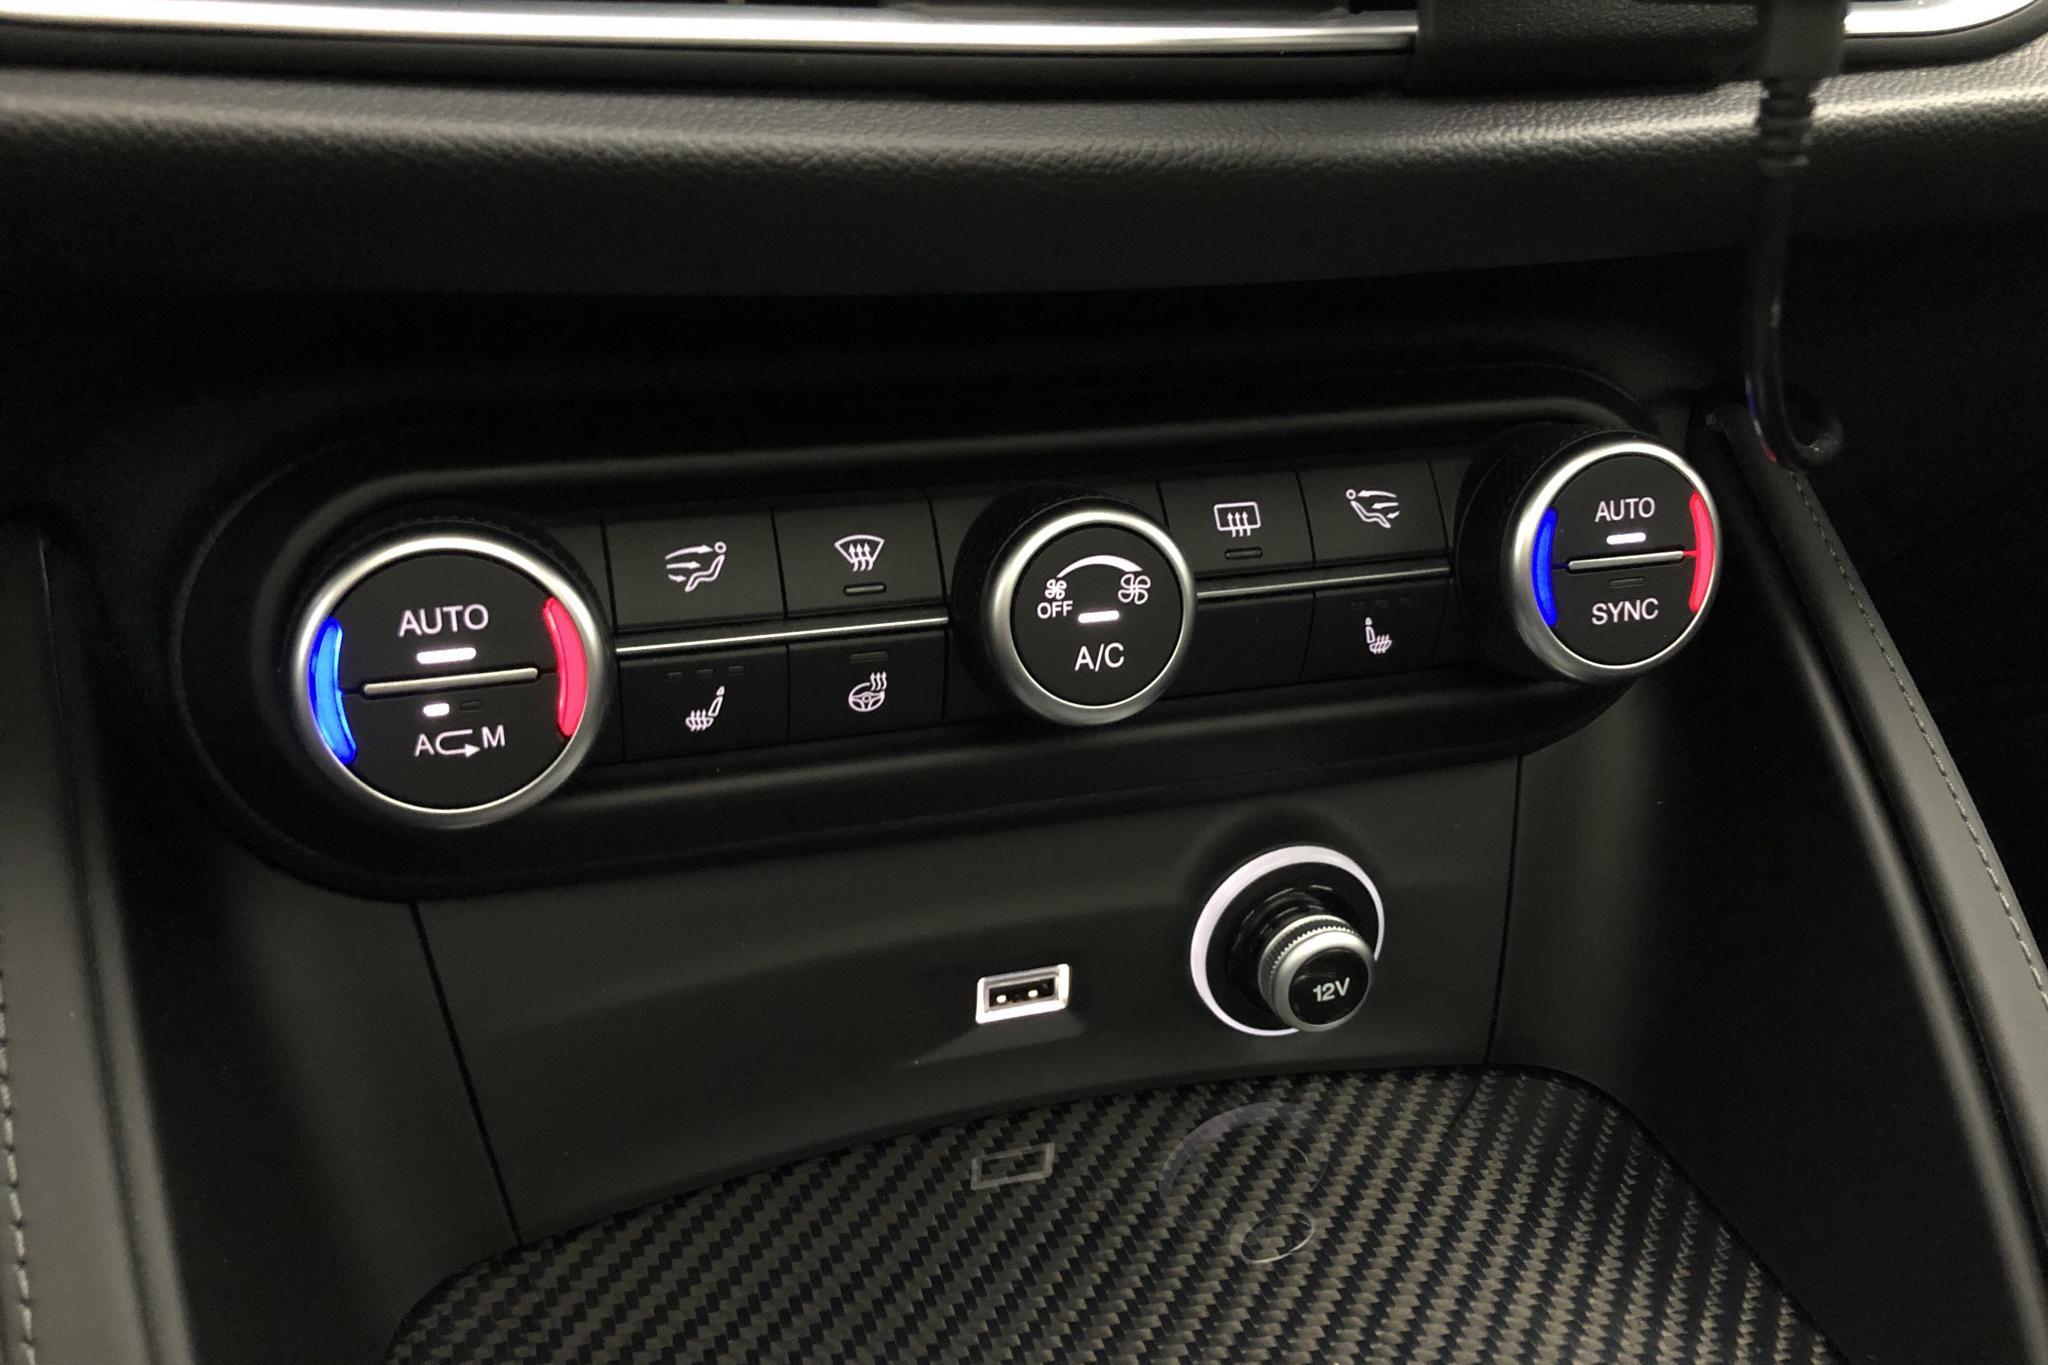 Alfa Romeo Stelvio 2.9 AWD (510hk) - 25 380 km - Automatic - gray - 2019